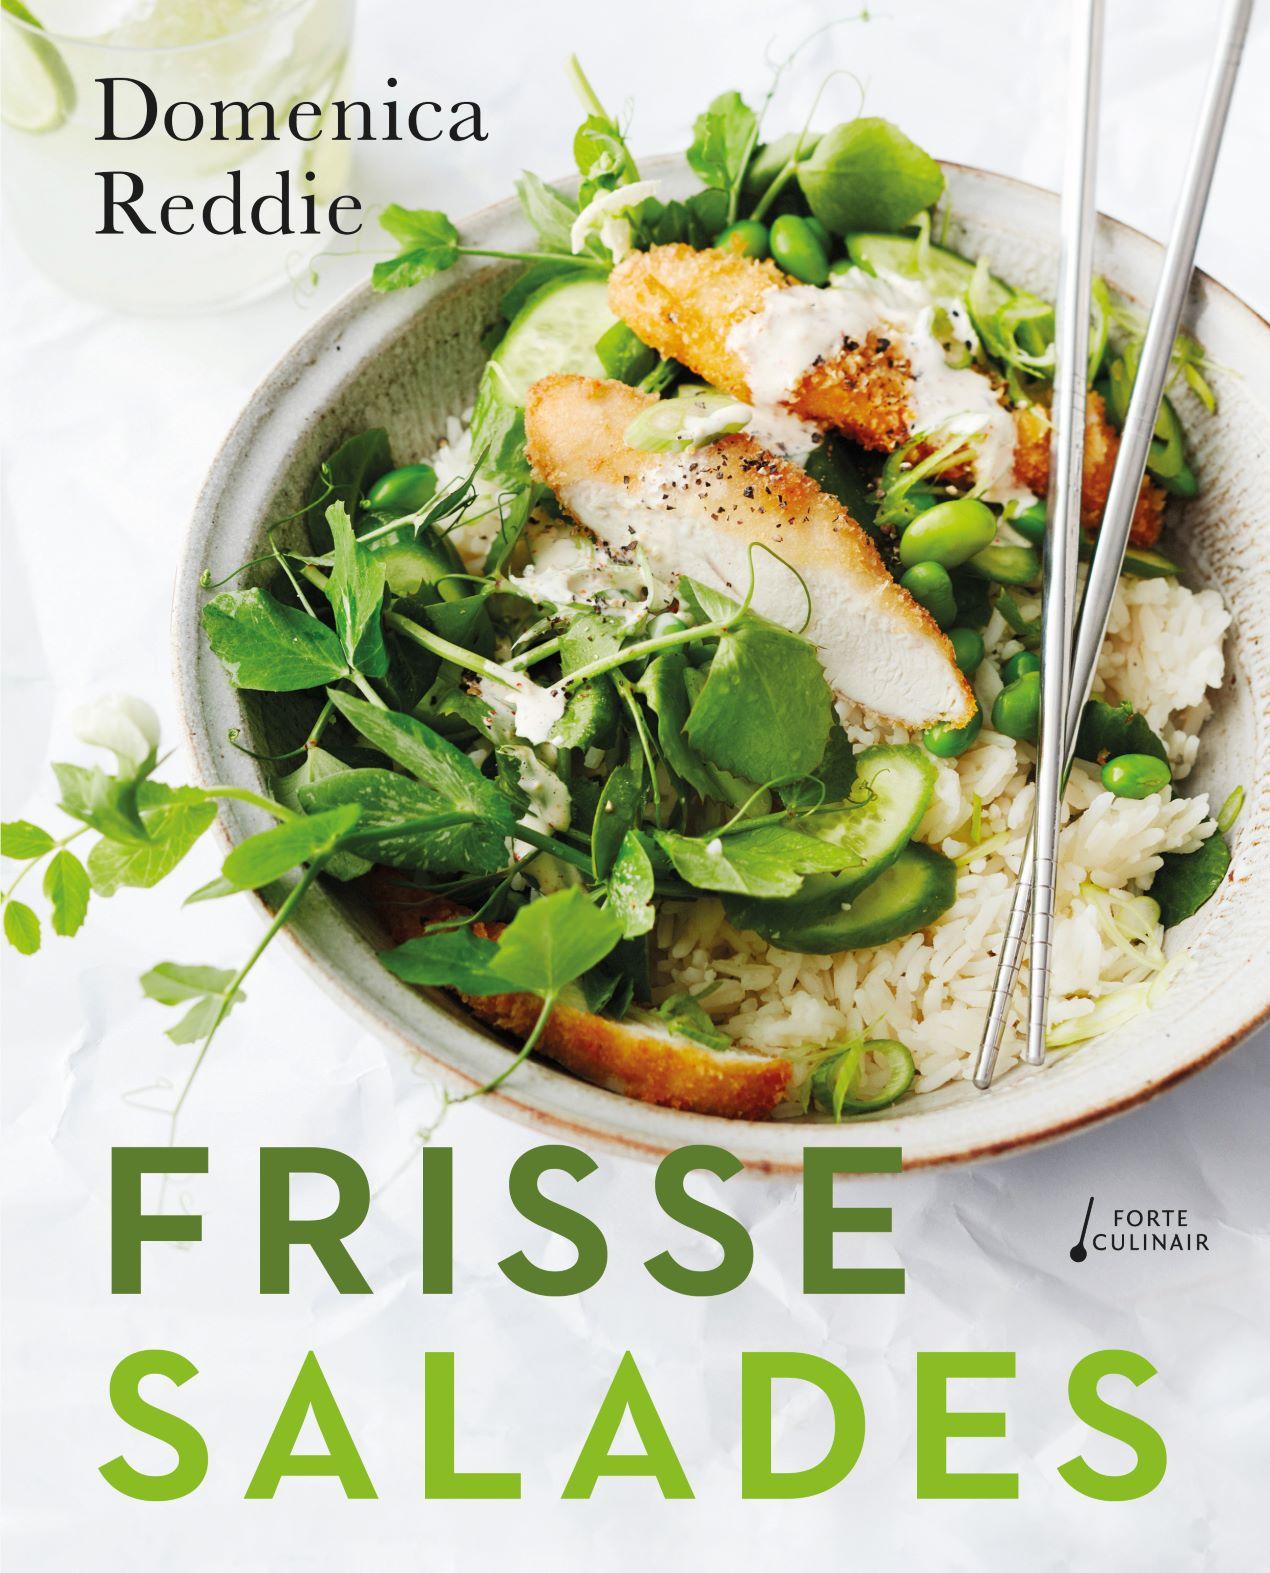 Frisse salades - boekenflits